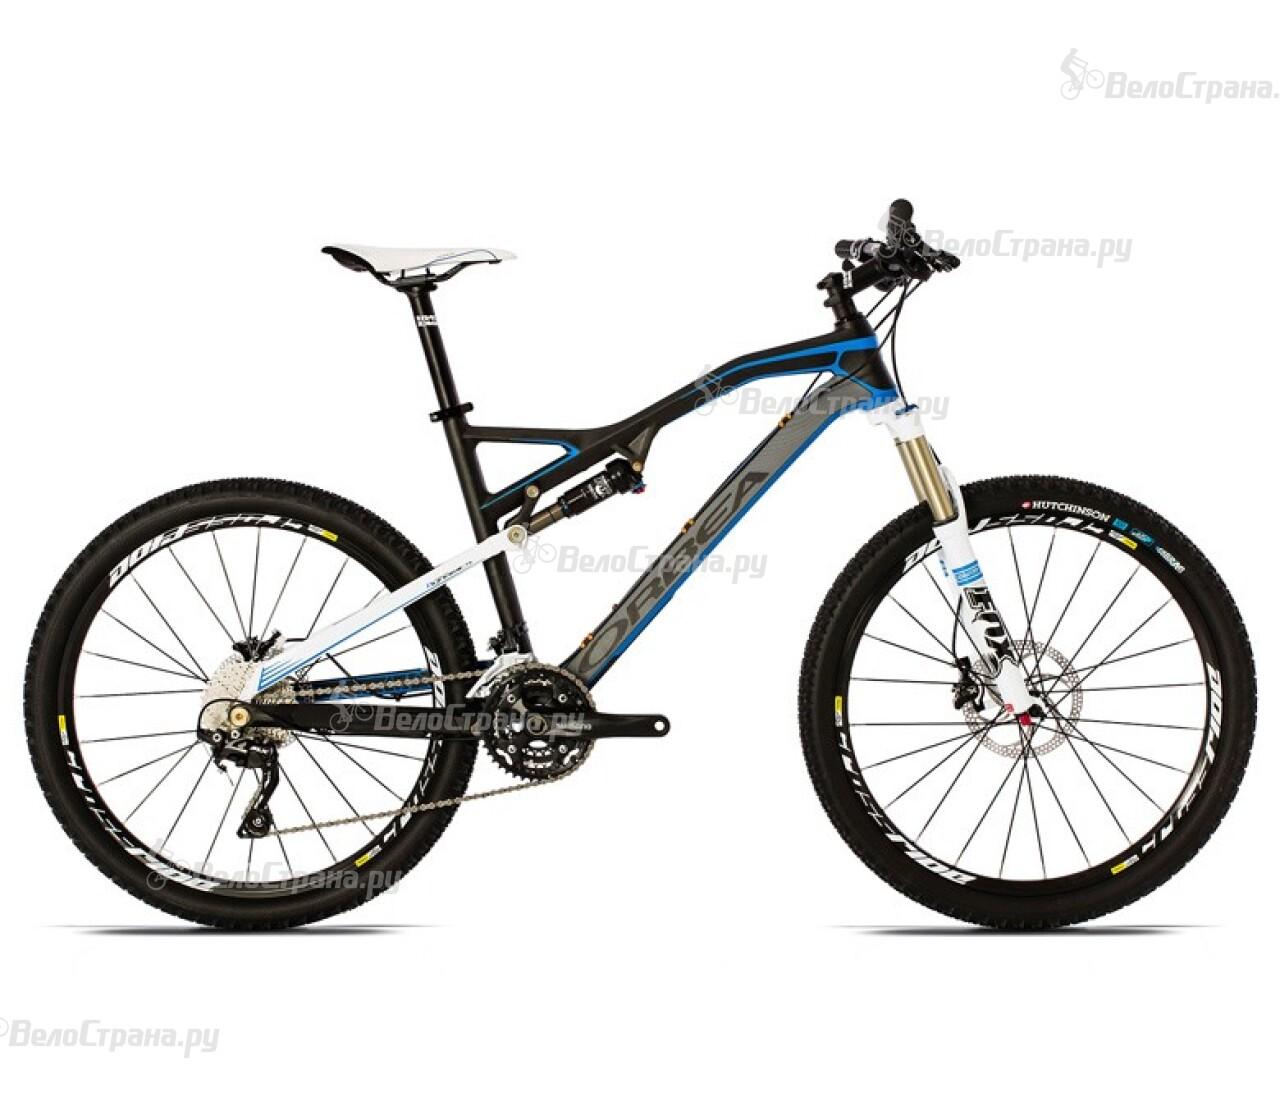 Велосипед Orbea Occam S50 (2013)